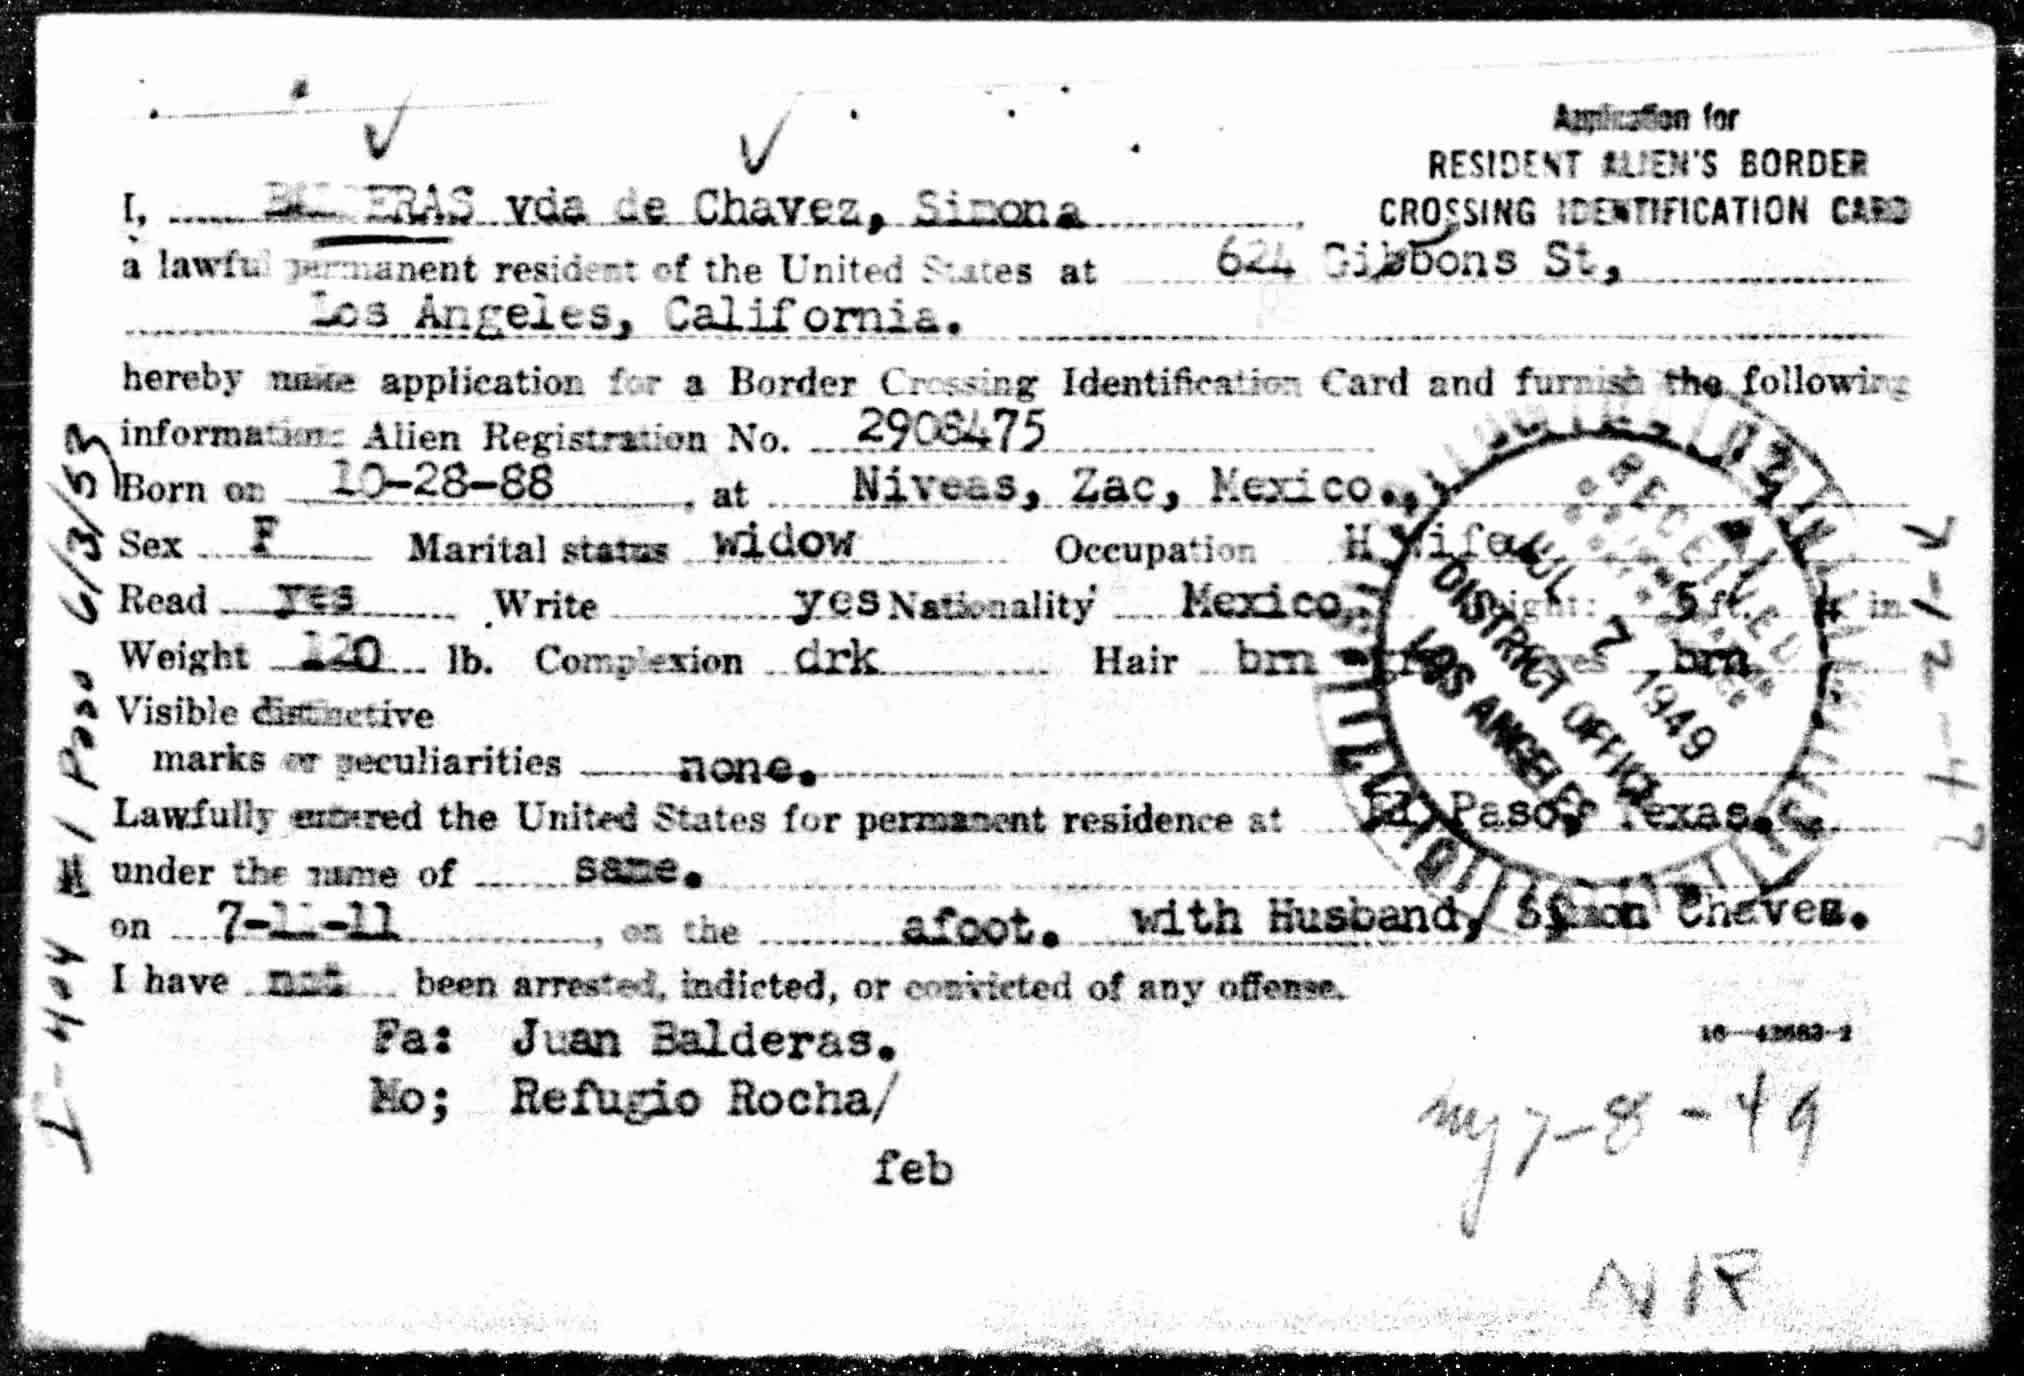 1949 Resident Alien's Border Crossing Identification Card for Simona Chávez